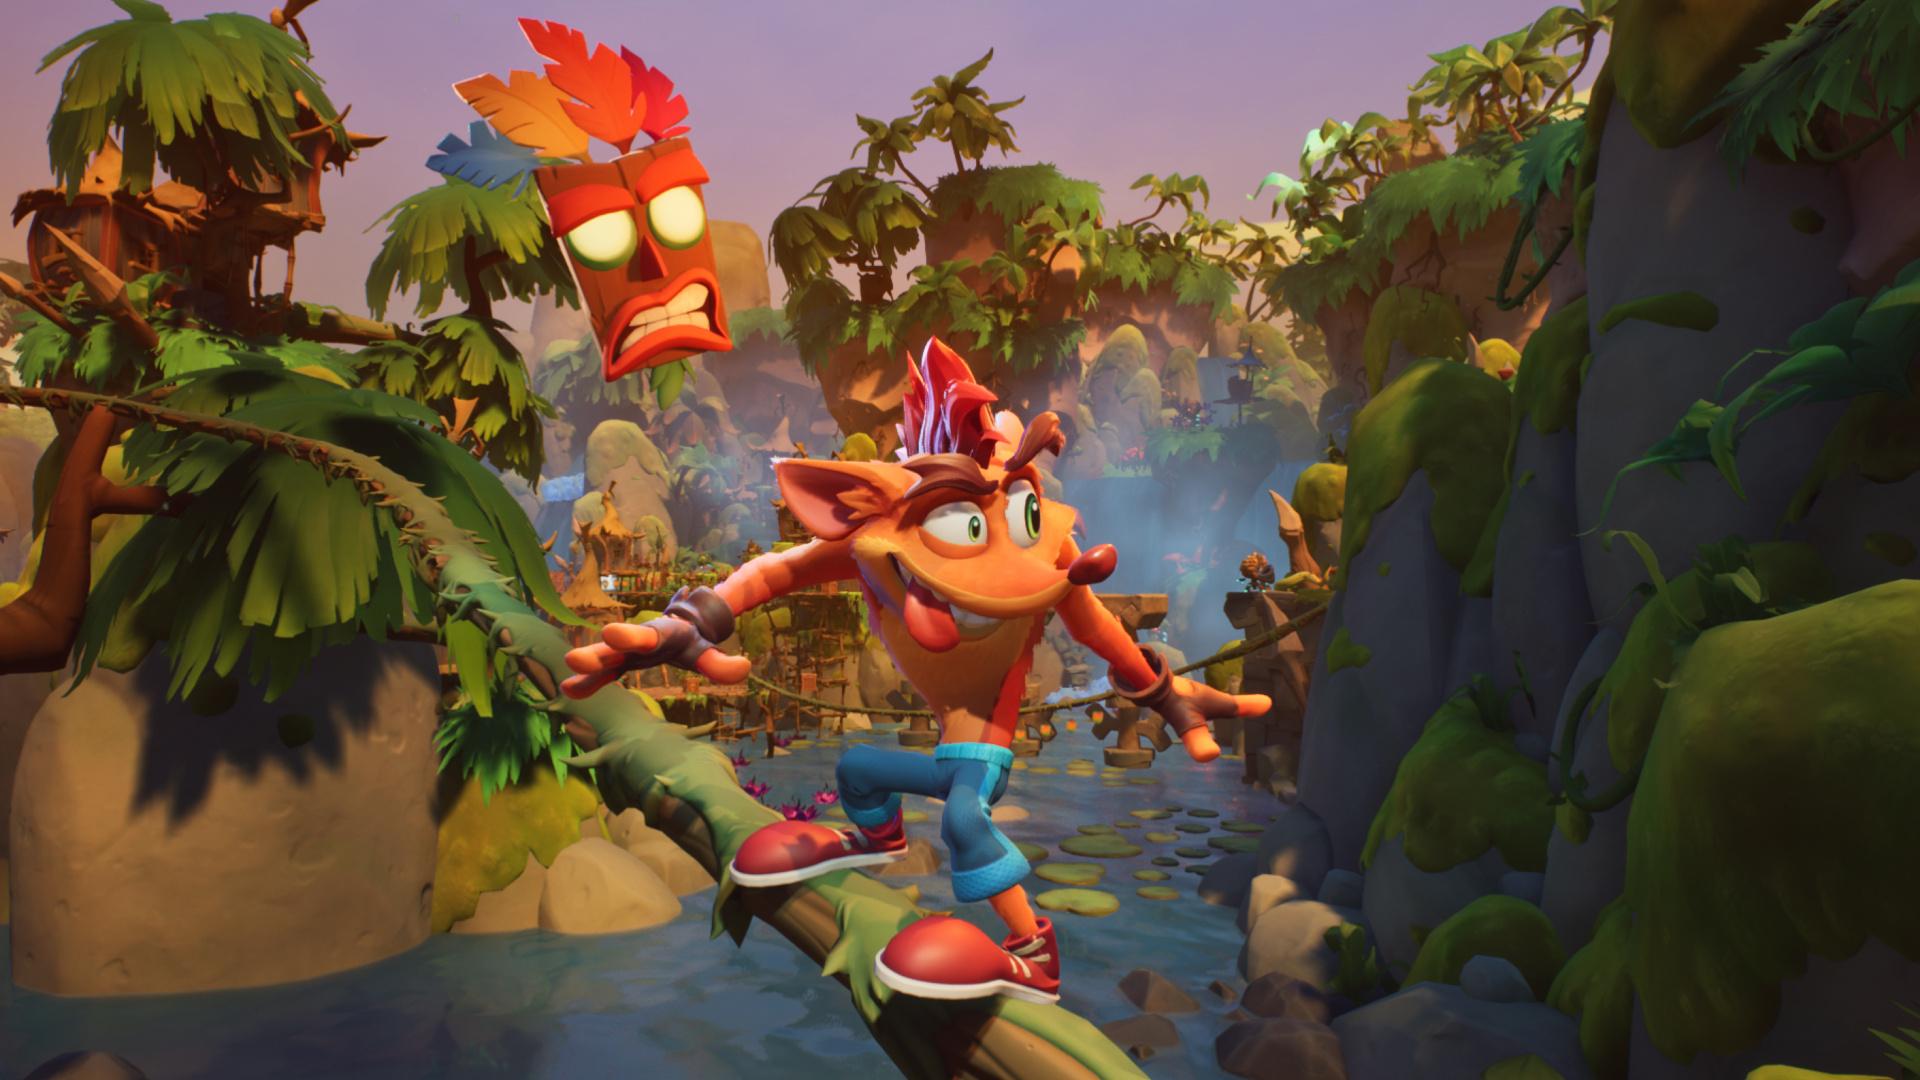 Crash Bandicoot4 получит локальные мультиплеерные режимы